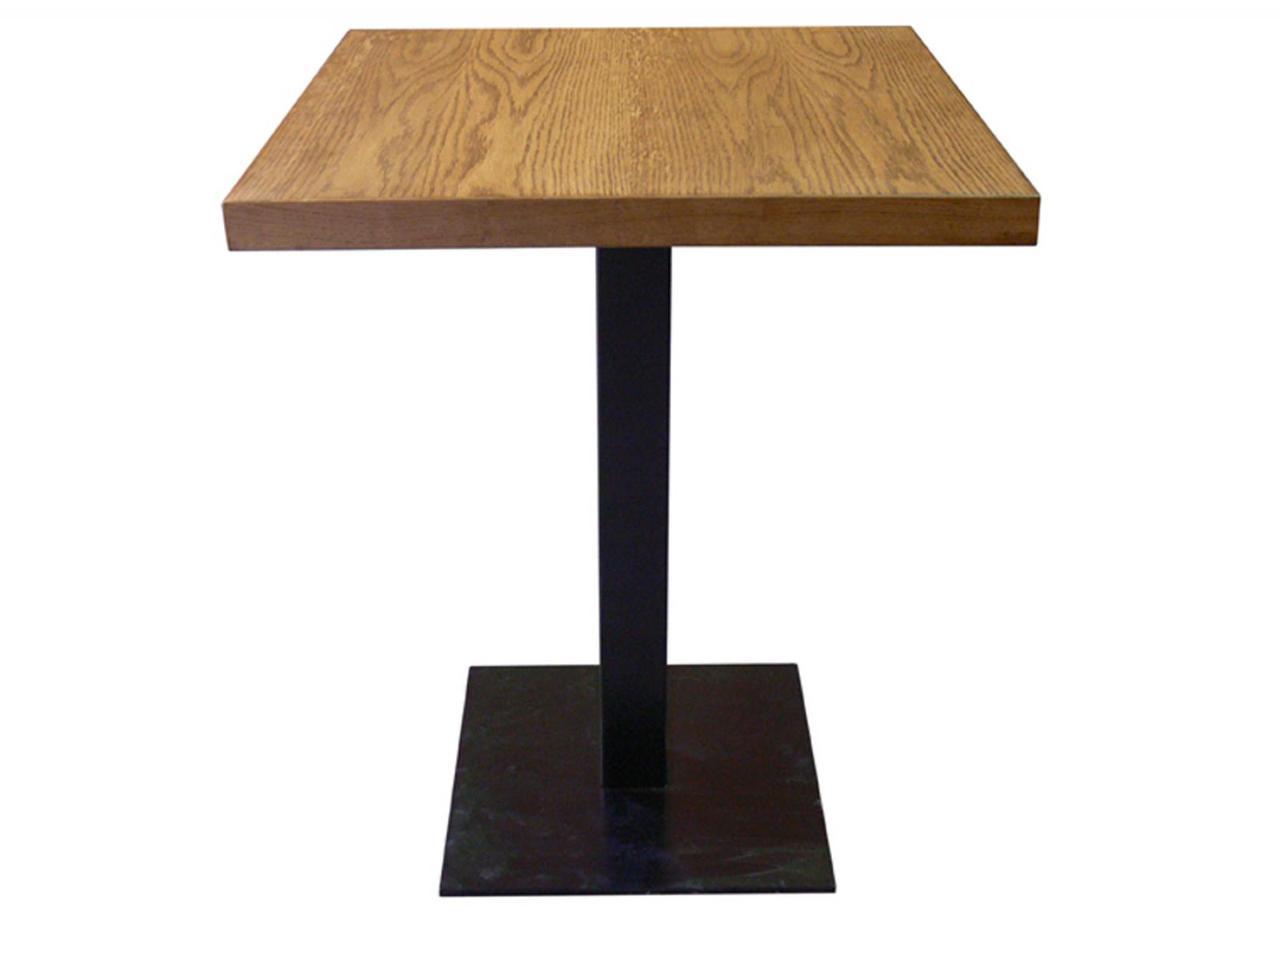 Квадратный столик для кафе и ресторанов из массива дерева 70х70